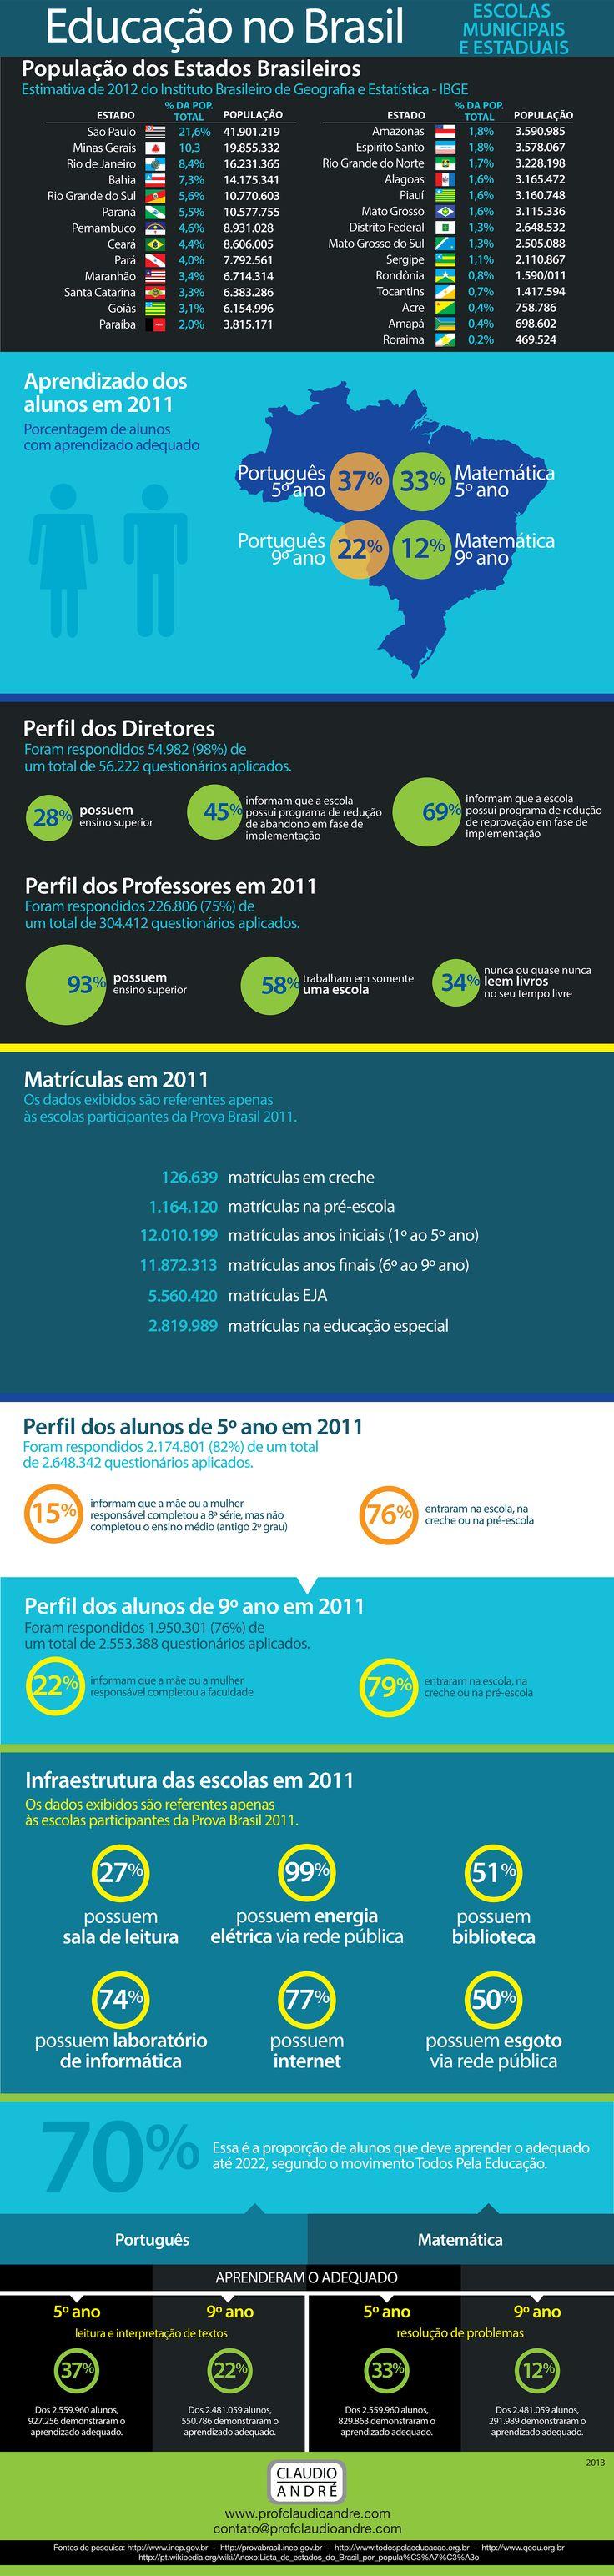 Educação no Brasil.